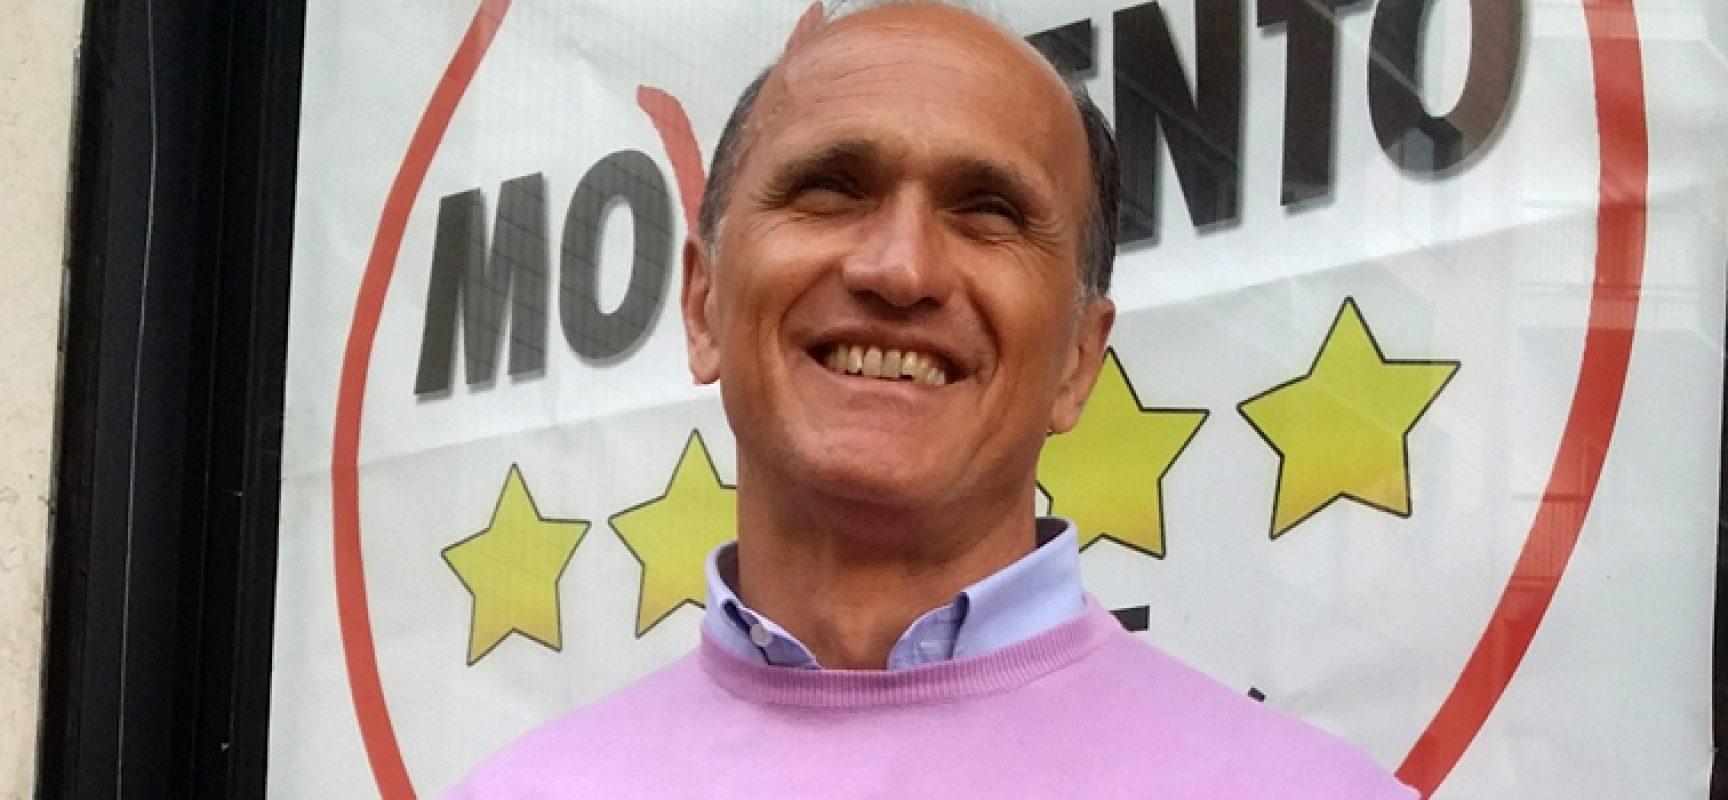 Comunicato a firma congiunta dei consiglieri M5S della Bat: no a rapporti con Emiliano